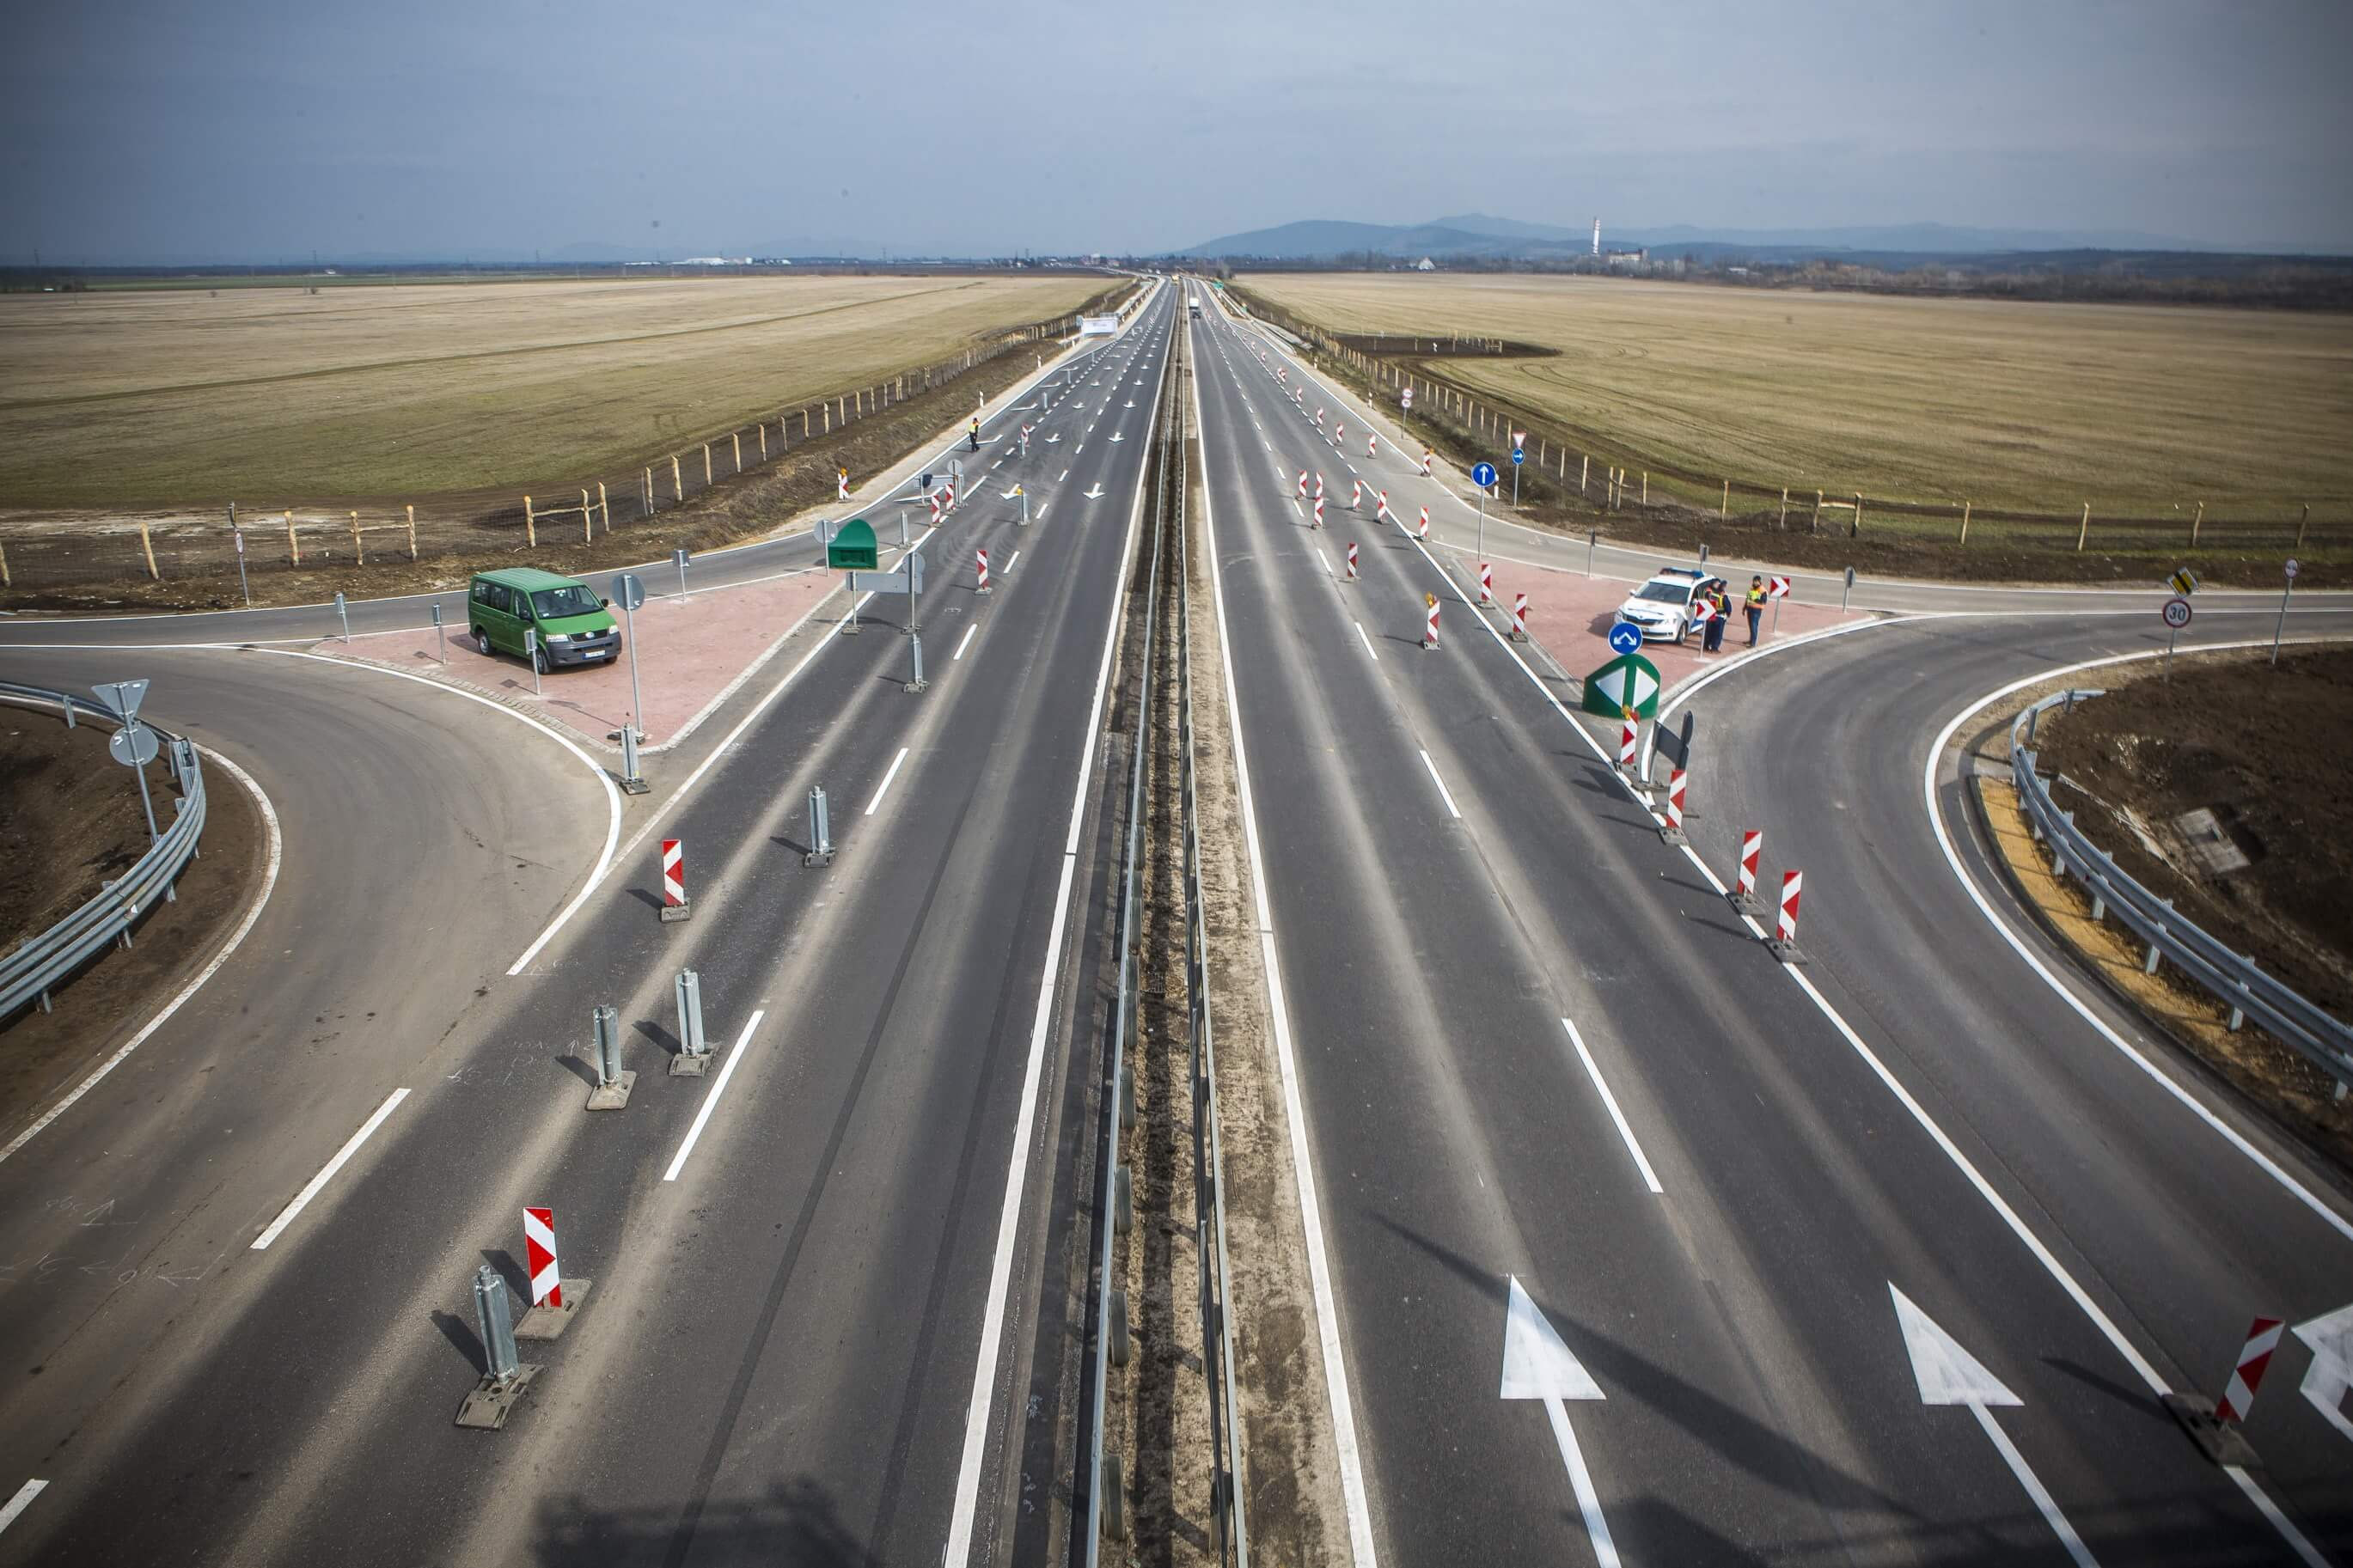 Elkészültek a négysávos 21-es főút legújabb szakaszával